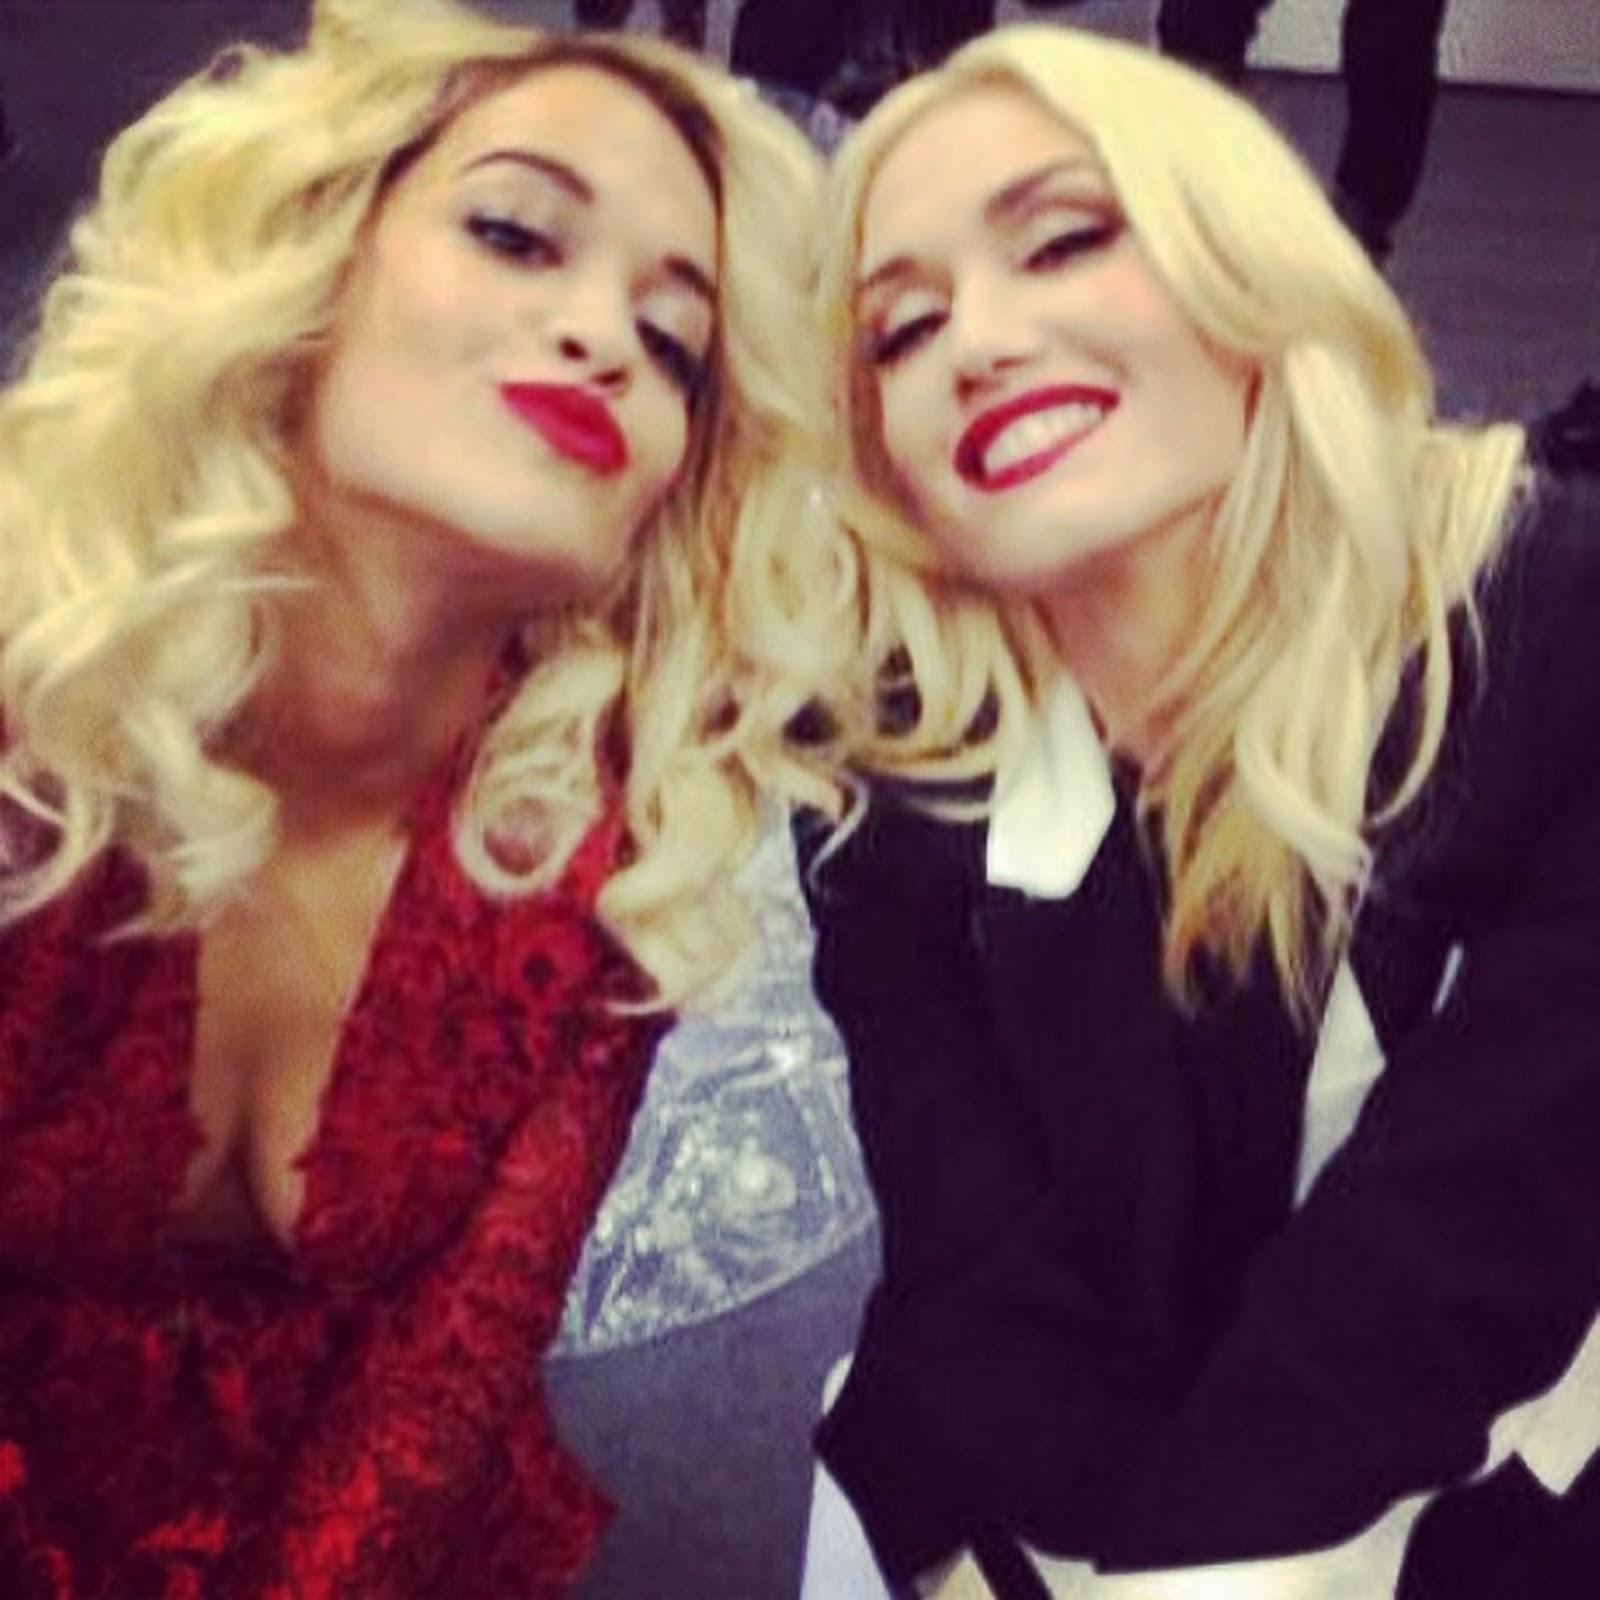 Nueva twipic HQ de Rita Ora & Gwen Stefani- 2 Marzo